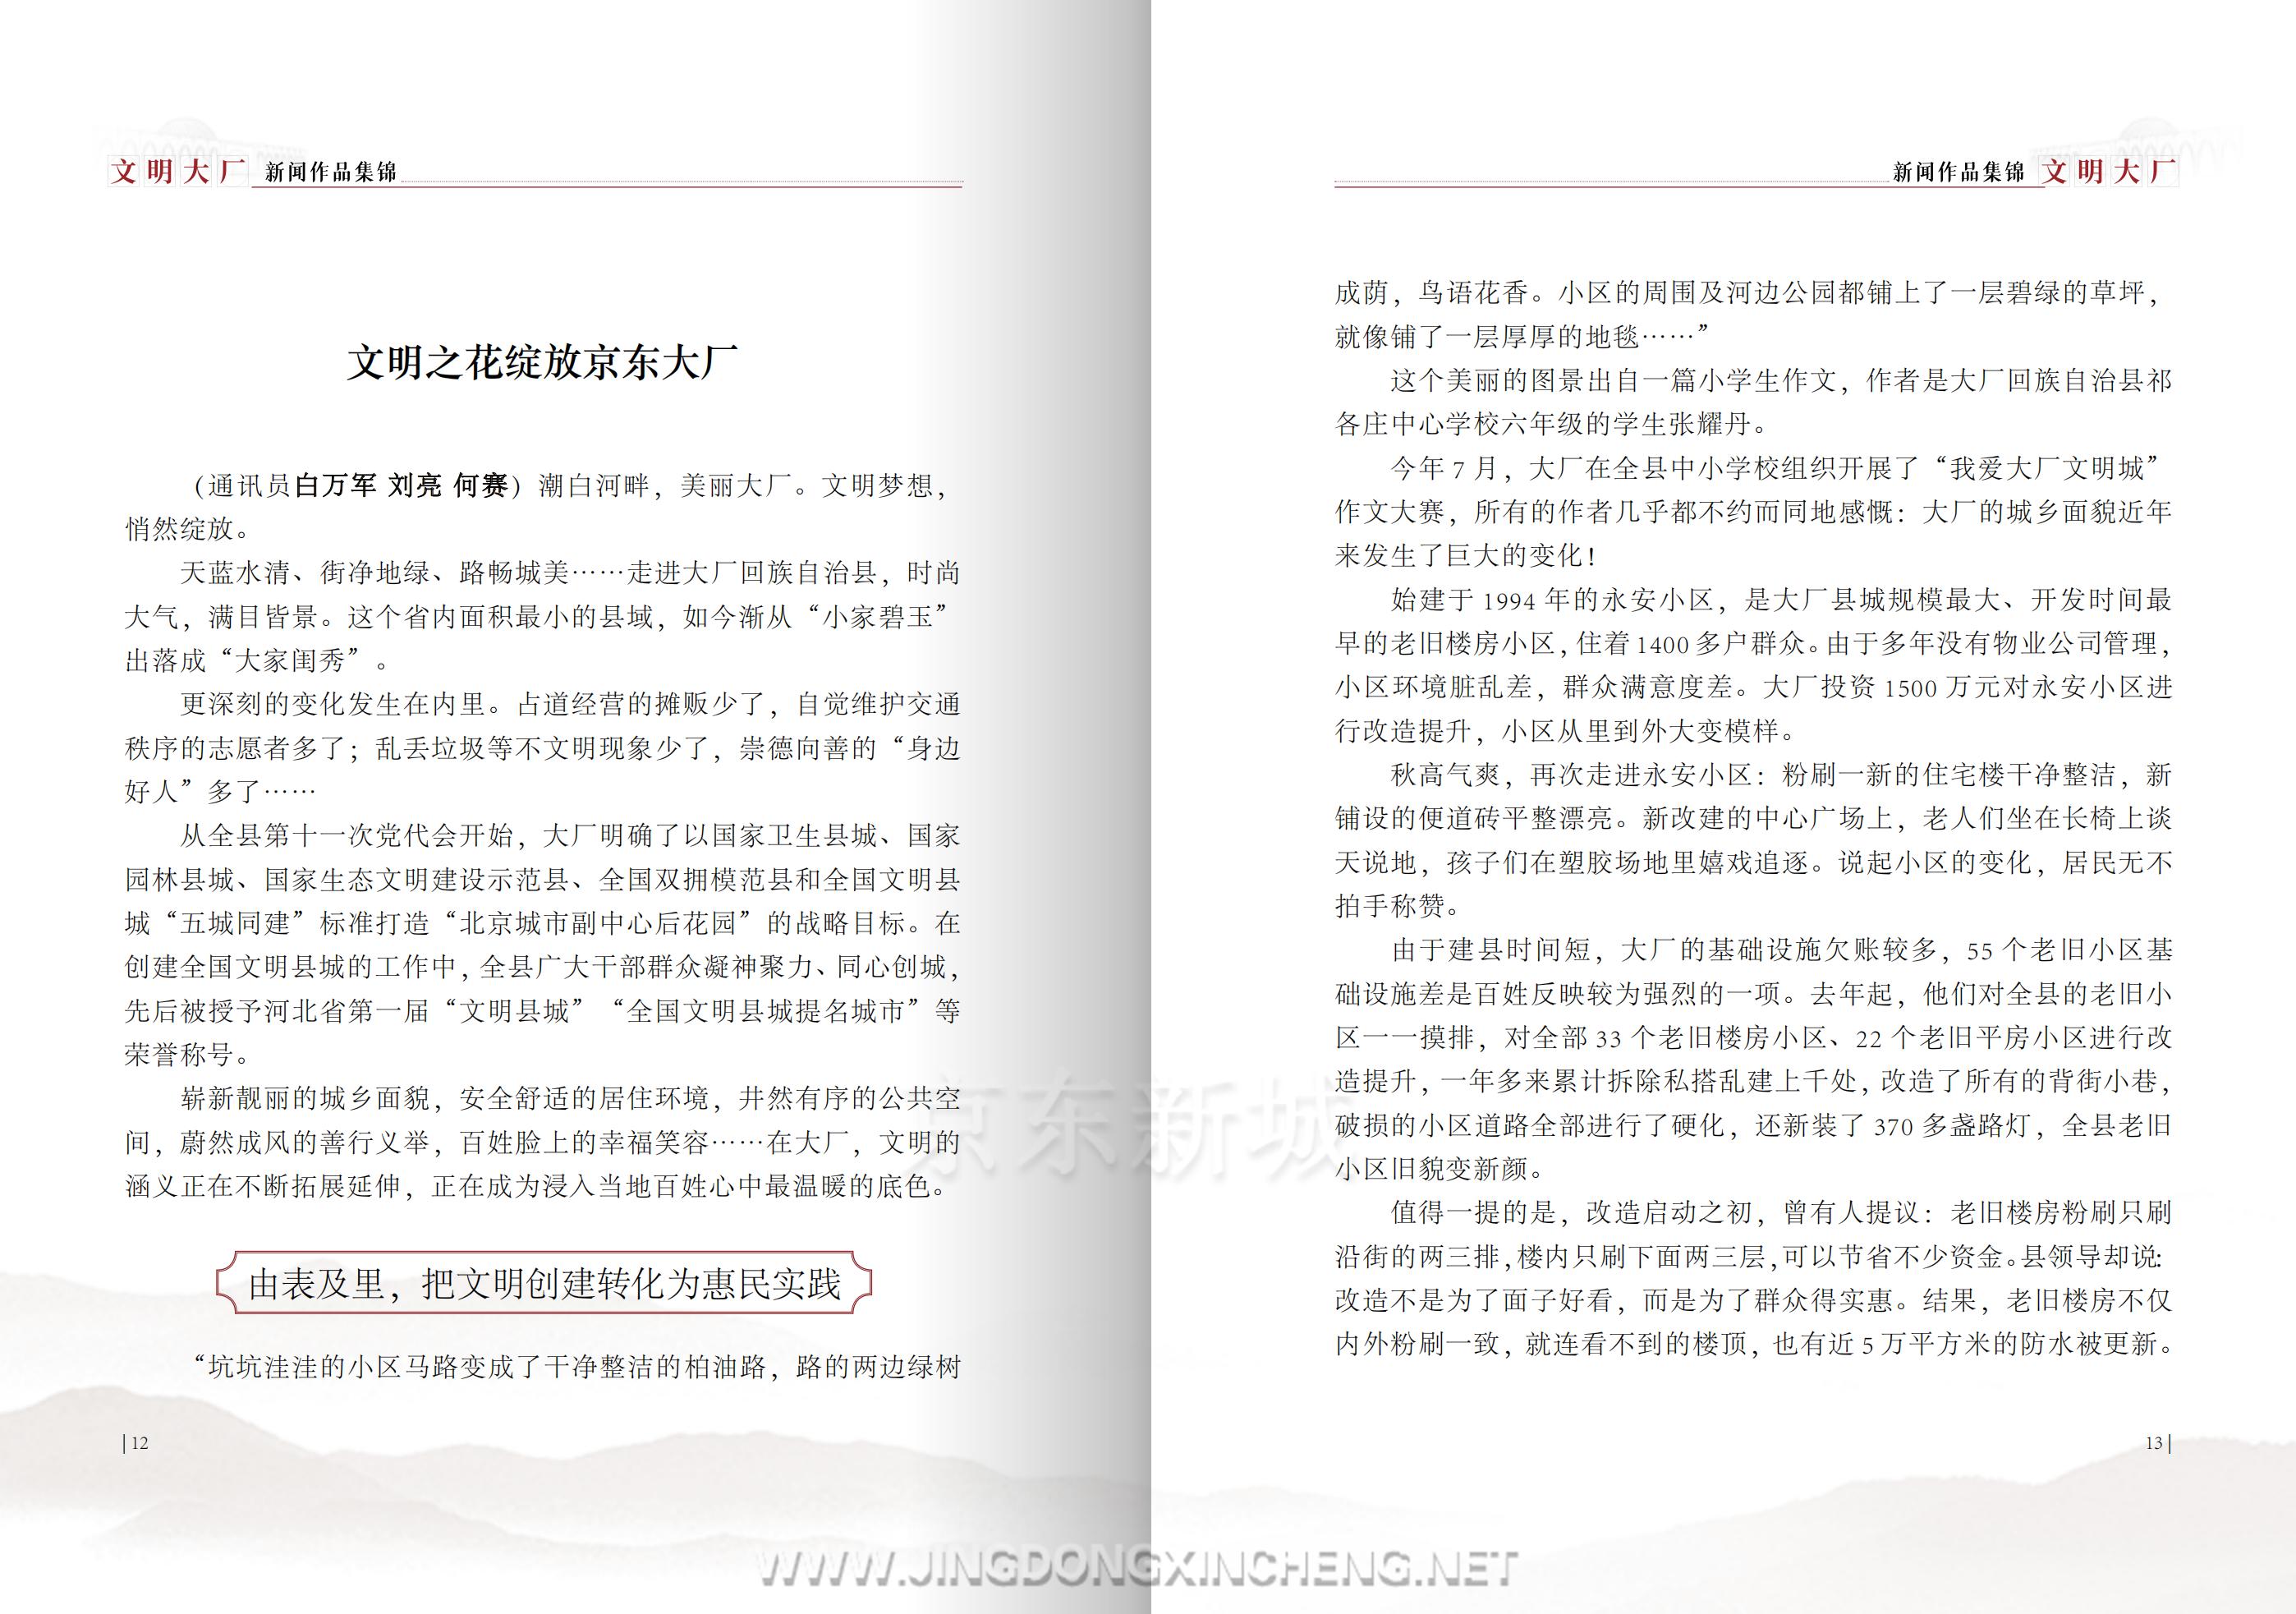 文明大厂书籍-定稿-上传版_10.png